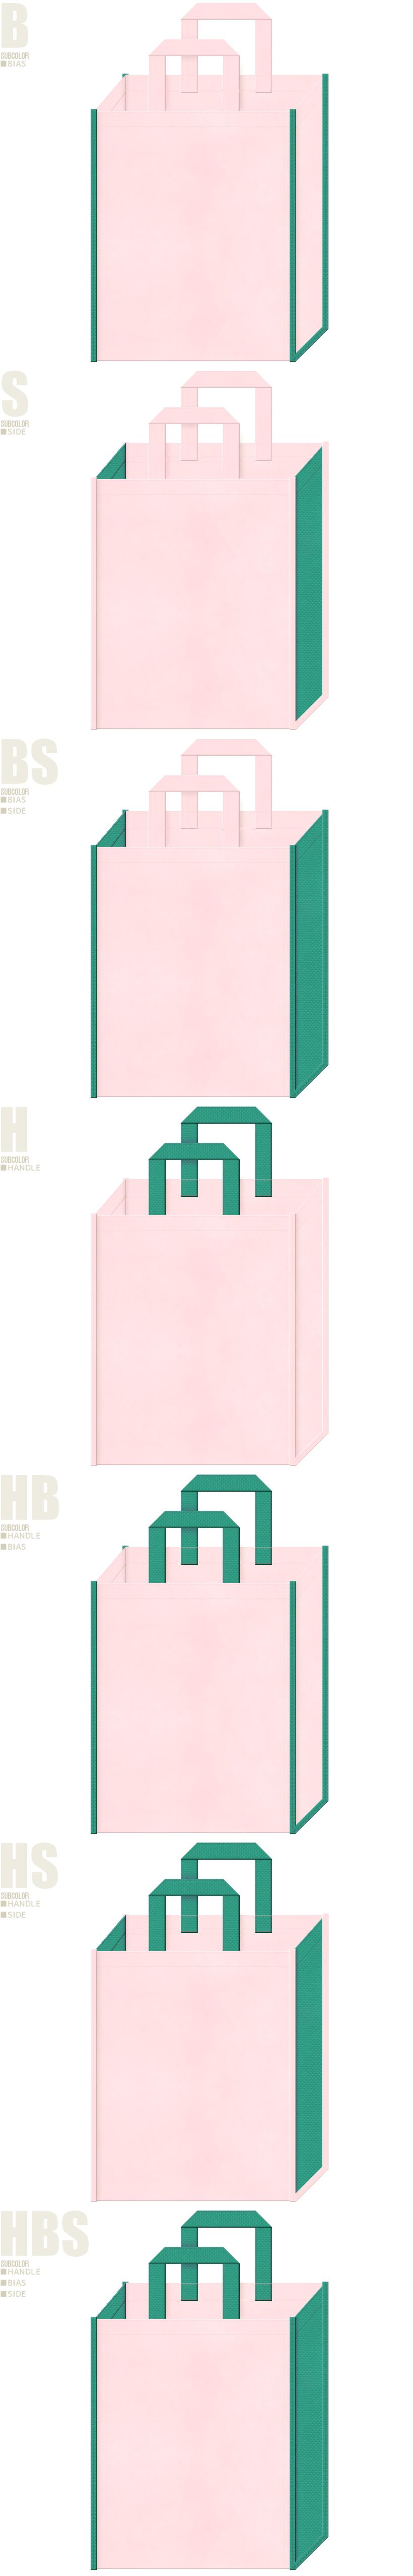 洗剤・お掃除・日用品のイメージにお奨めの不織布バッグデザイン:桜色と青緑色の配色7パターン。